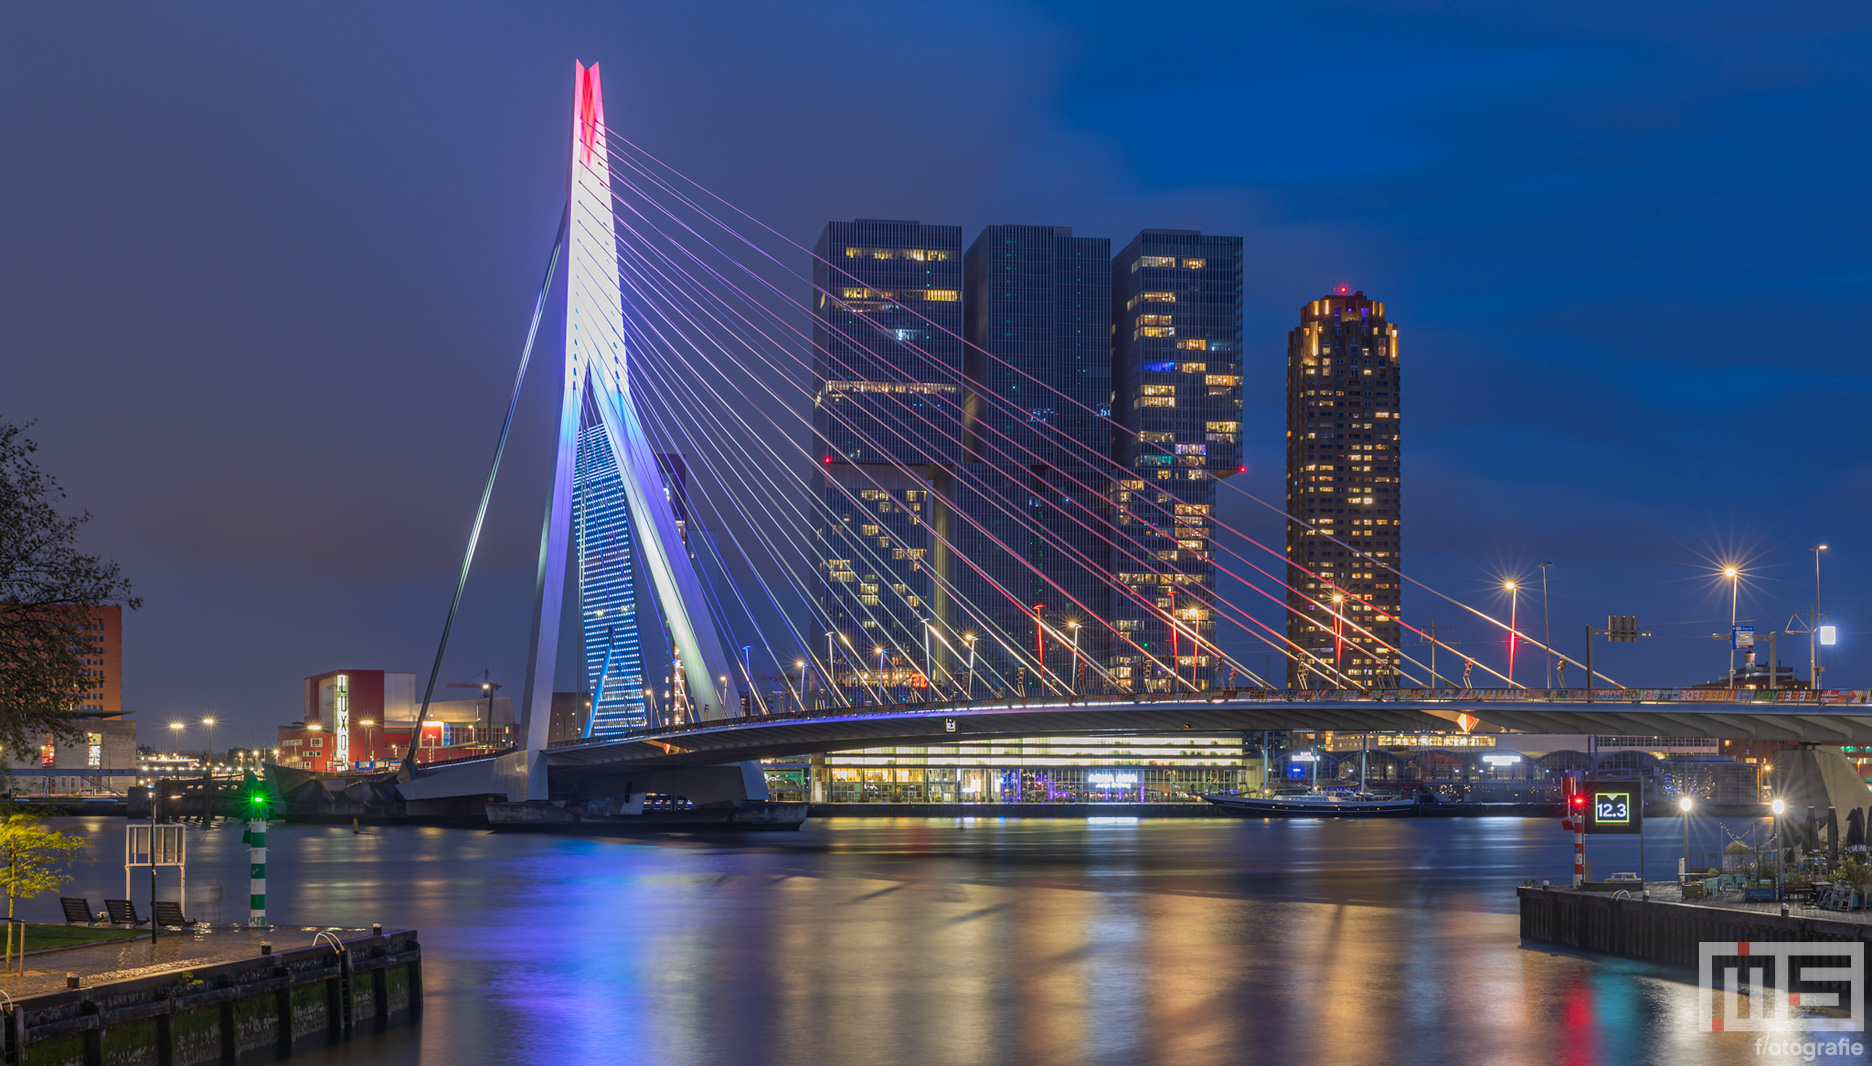 De Erasmusbrug in het stadscentrum van Rotterdam in Rood Wit Blauw | Cover Small